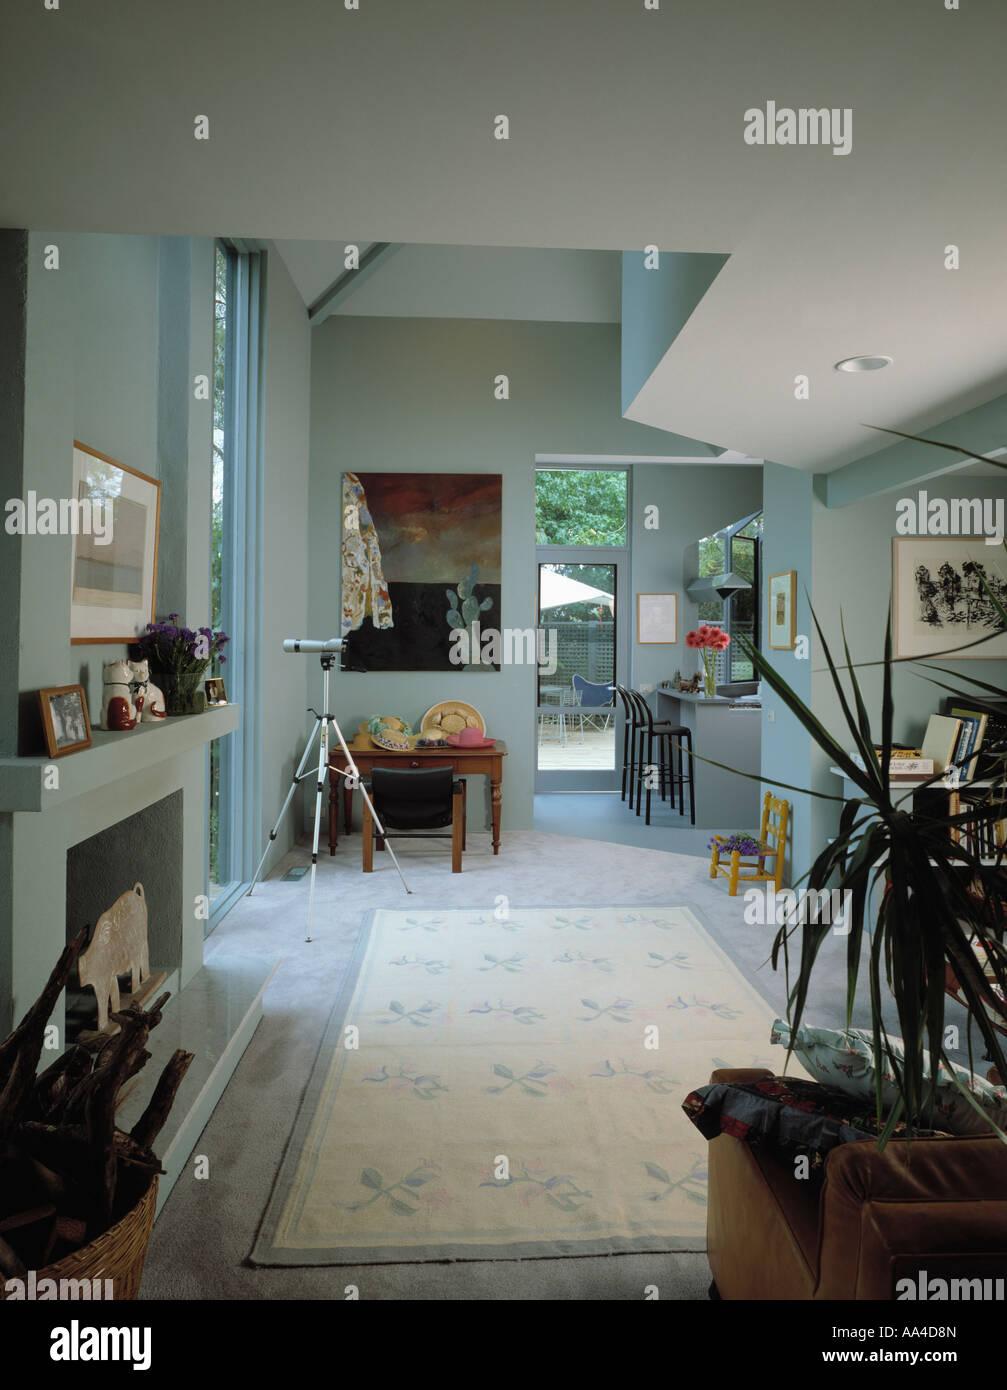 Moderne offene Wohnzimmer mit Küche im Hintergrund und gemusterten ...